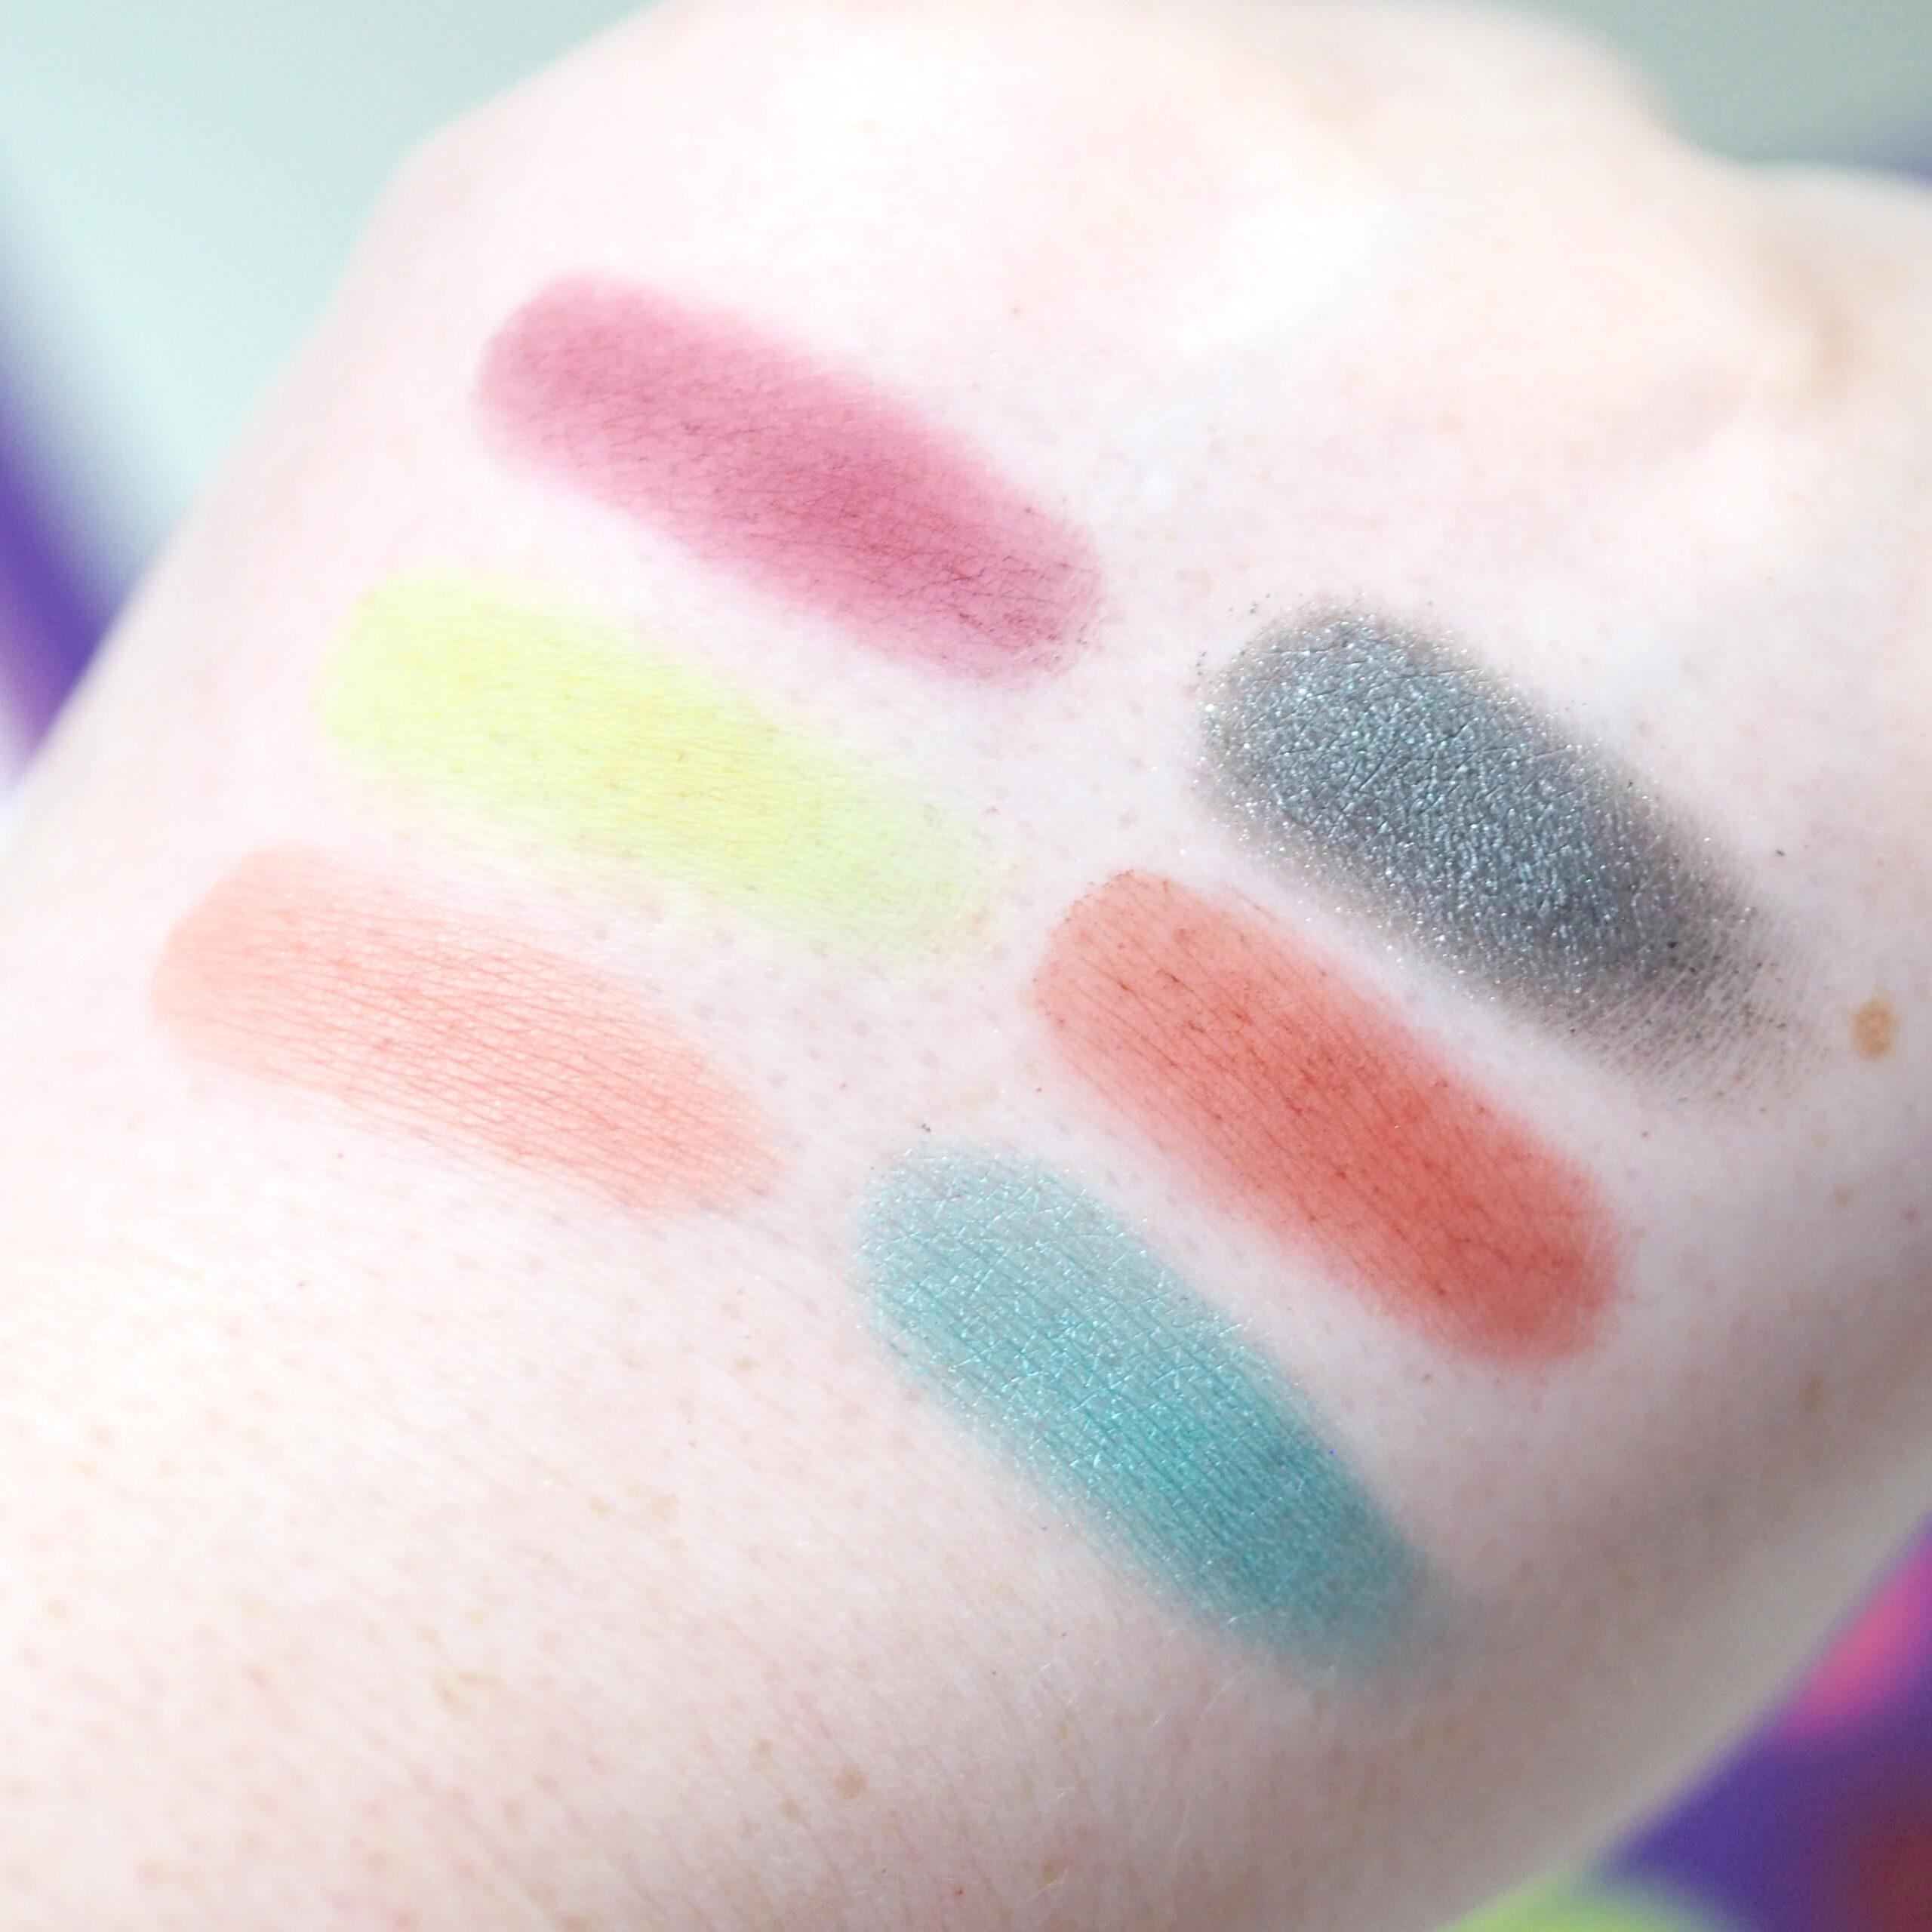 Makeup Revolution x Bratz Eyeshadow Palette Swatches